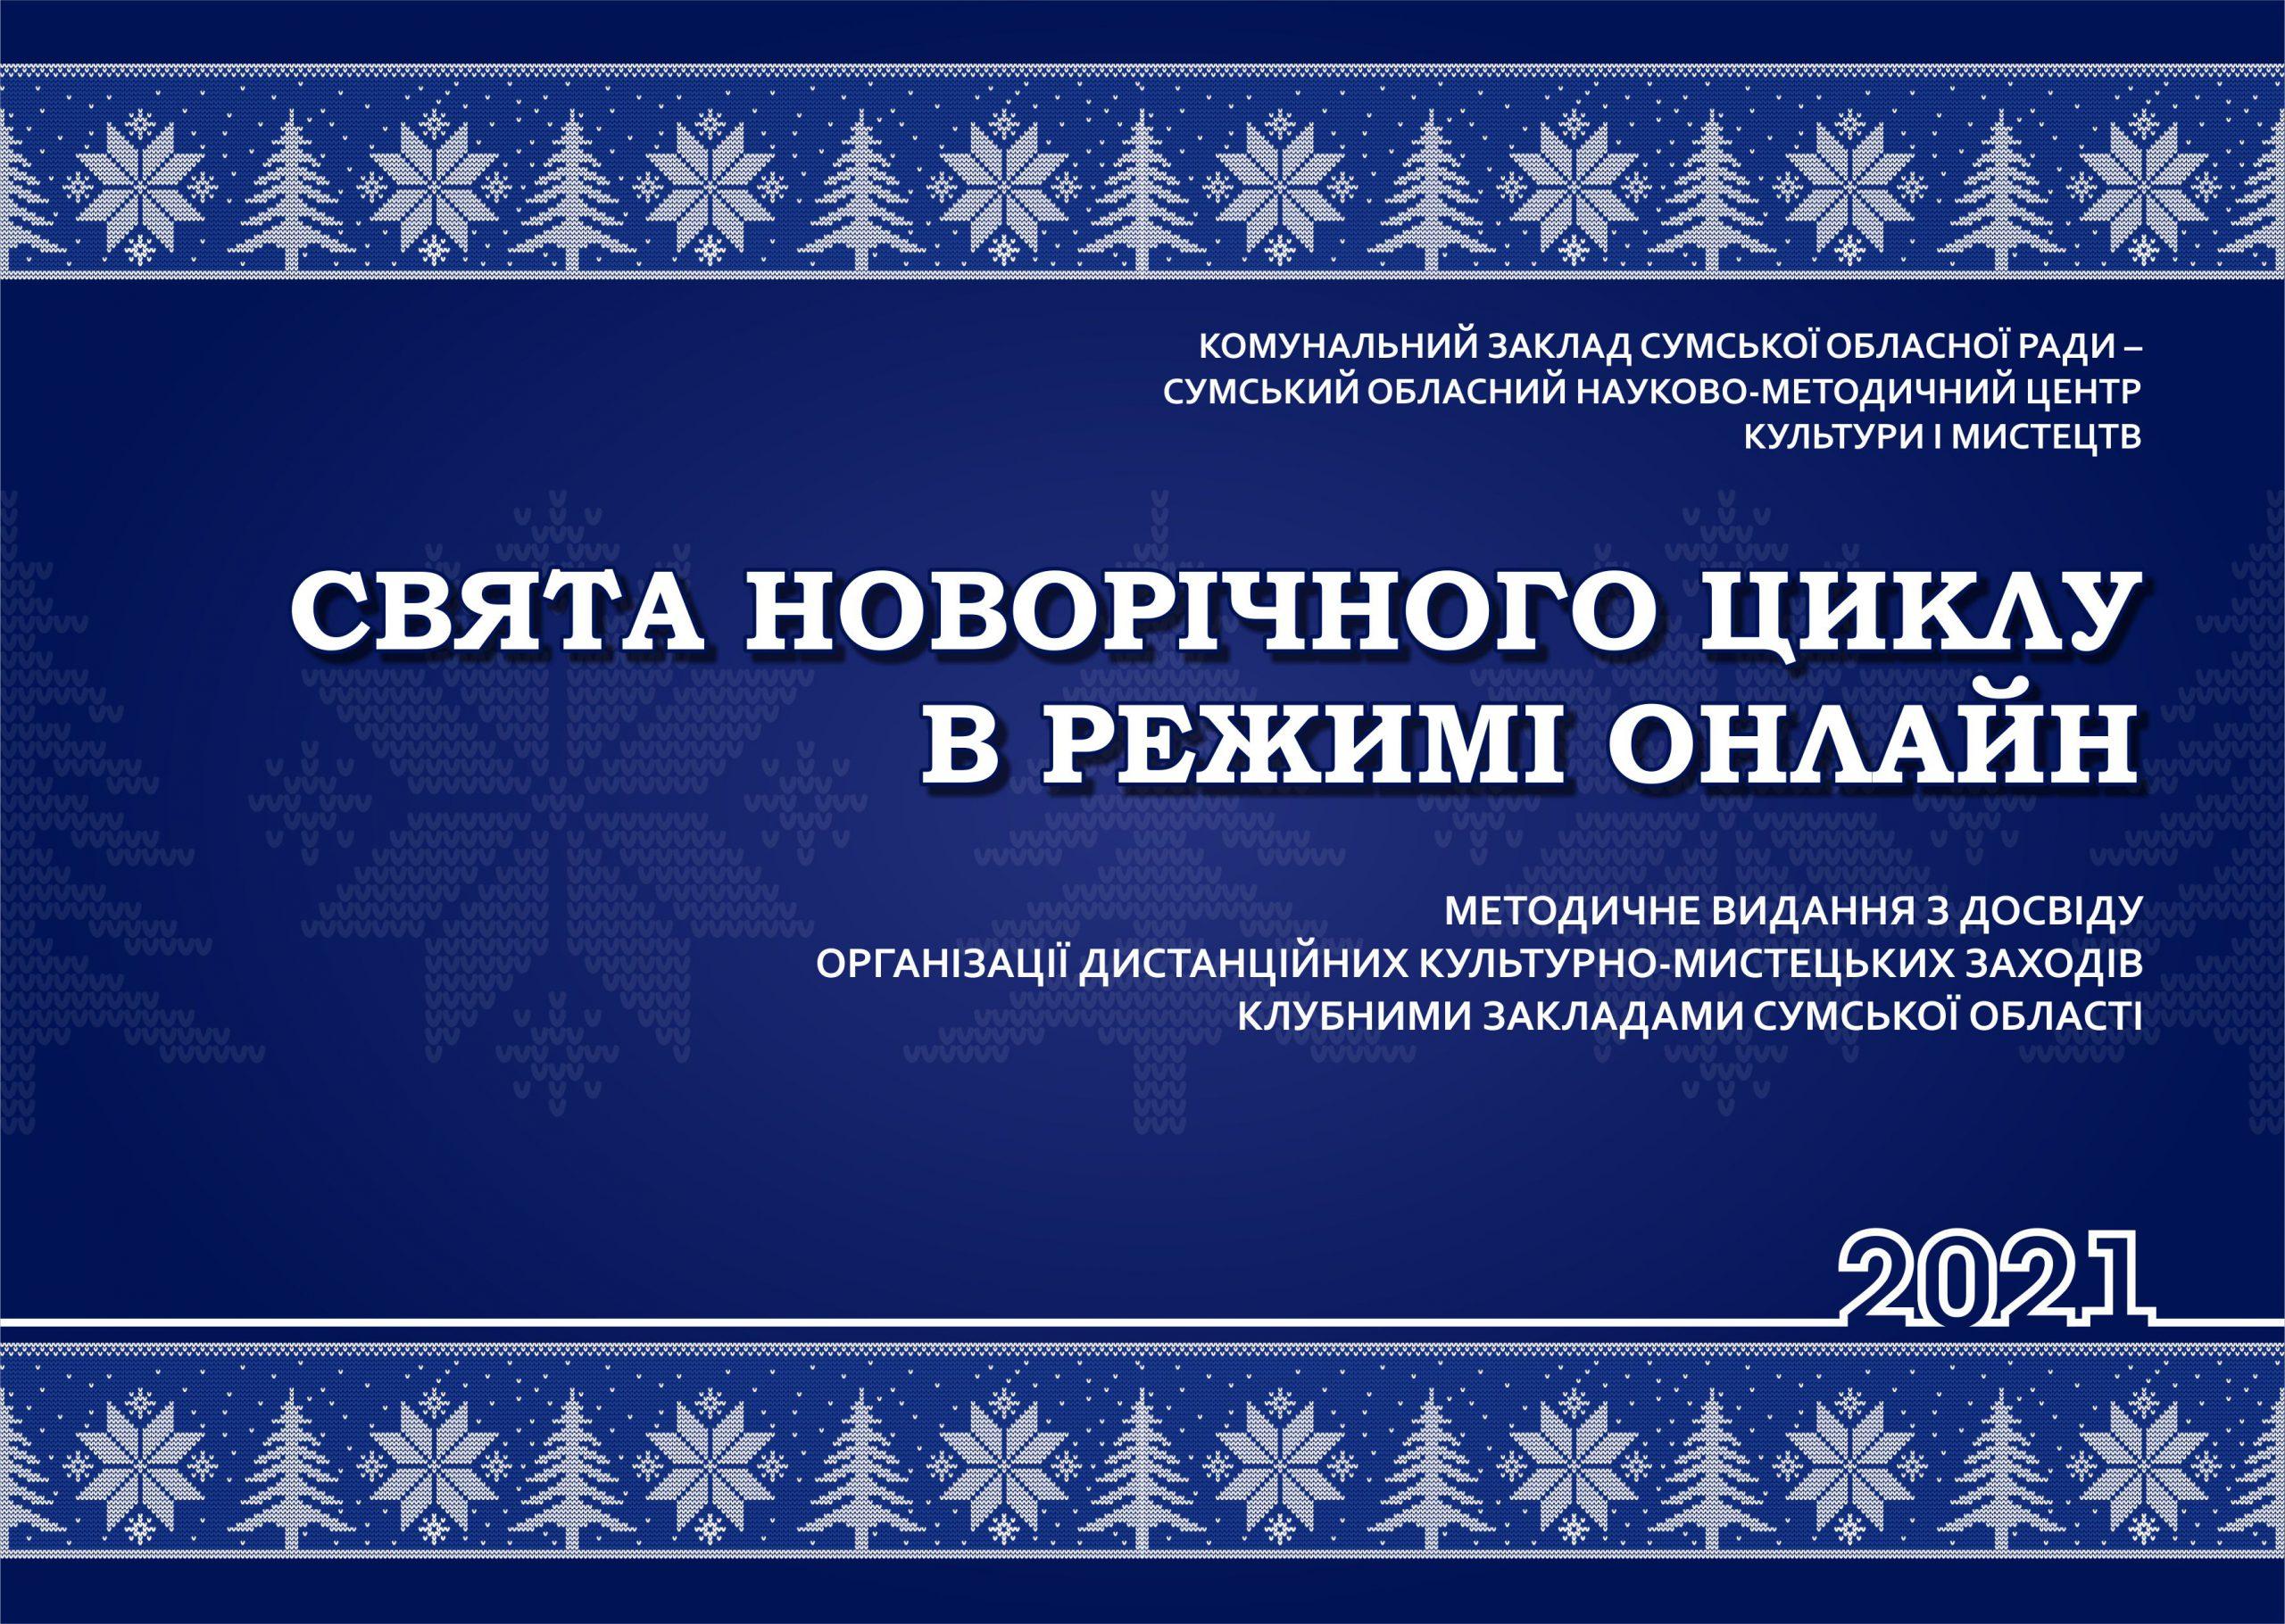 Це зображення має порожній атрибут alt; ім'я файлу sviata-novorichnoho-tsyklu-v-rezhymi-onlain-scaled.jpg